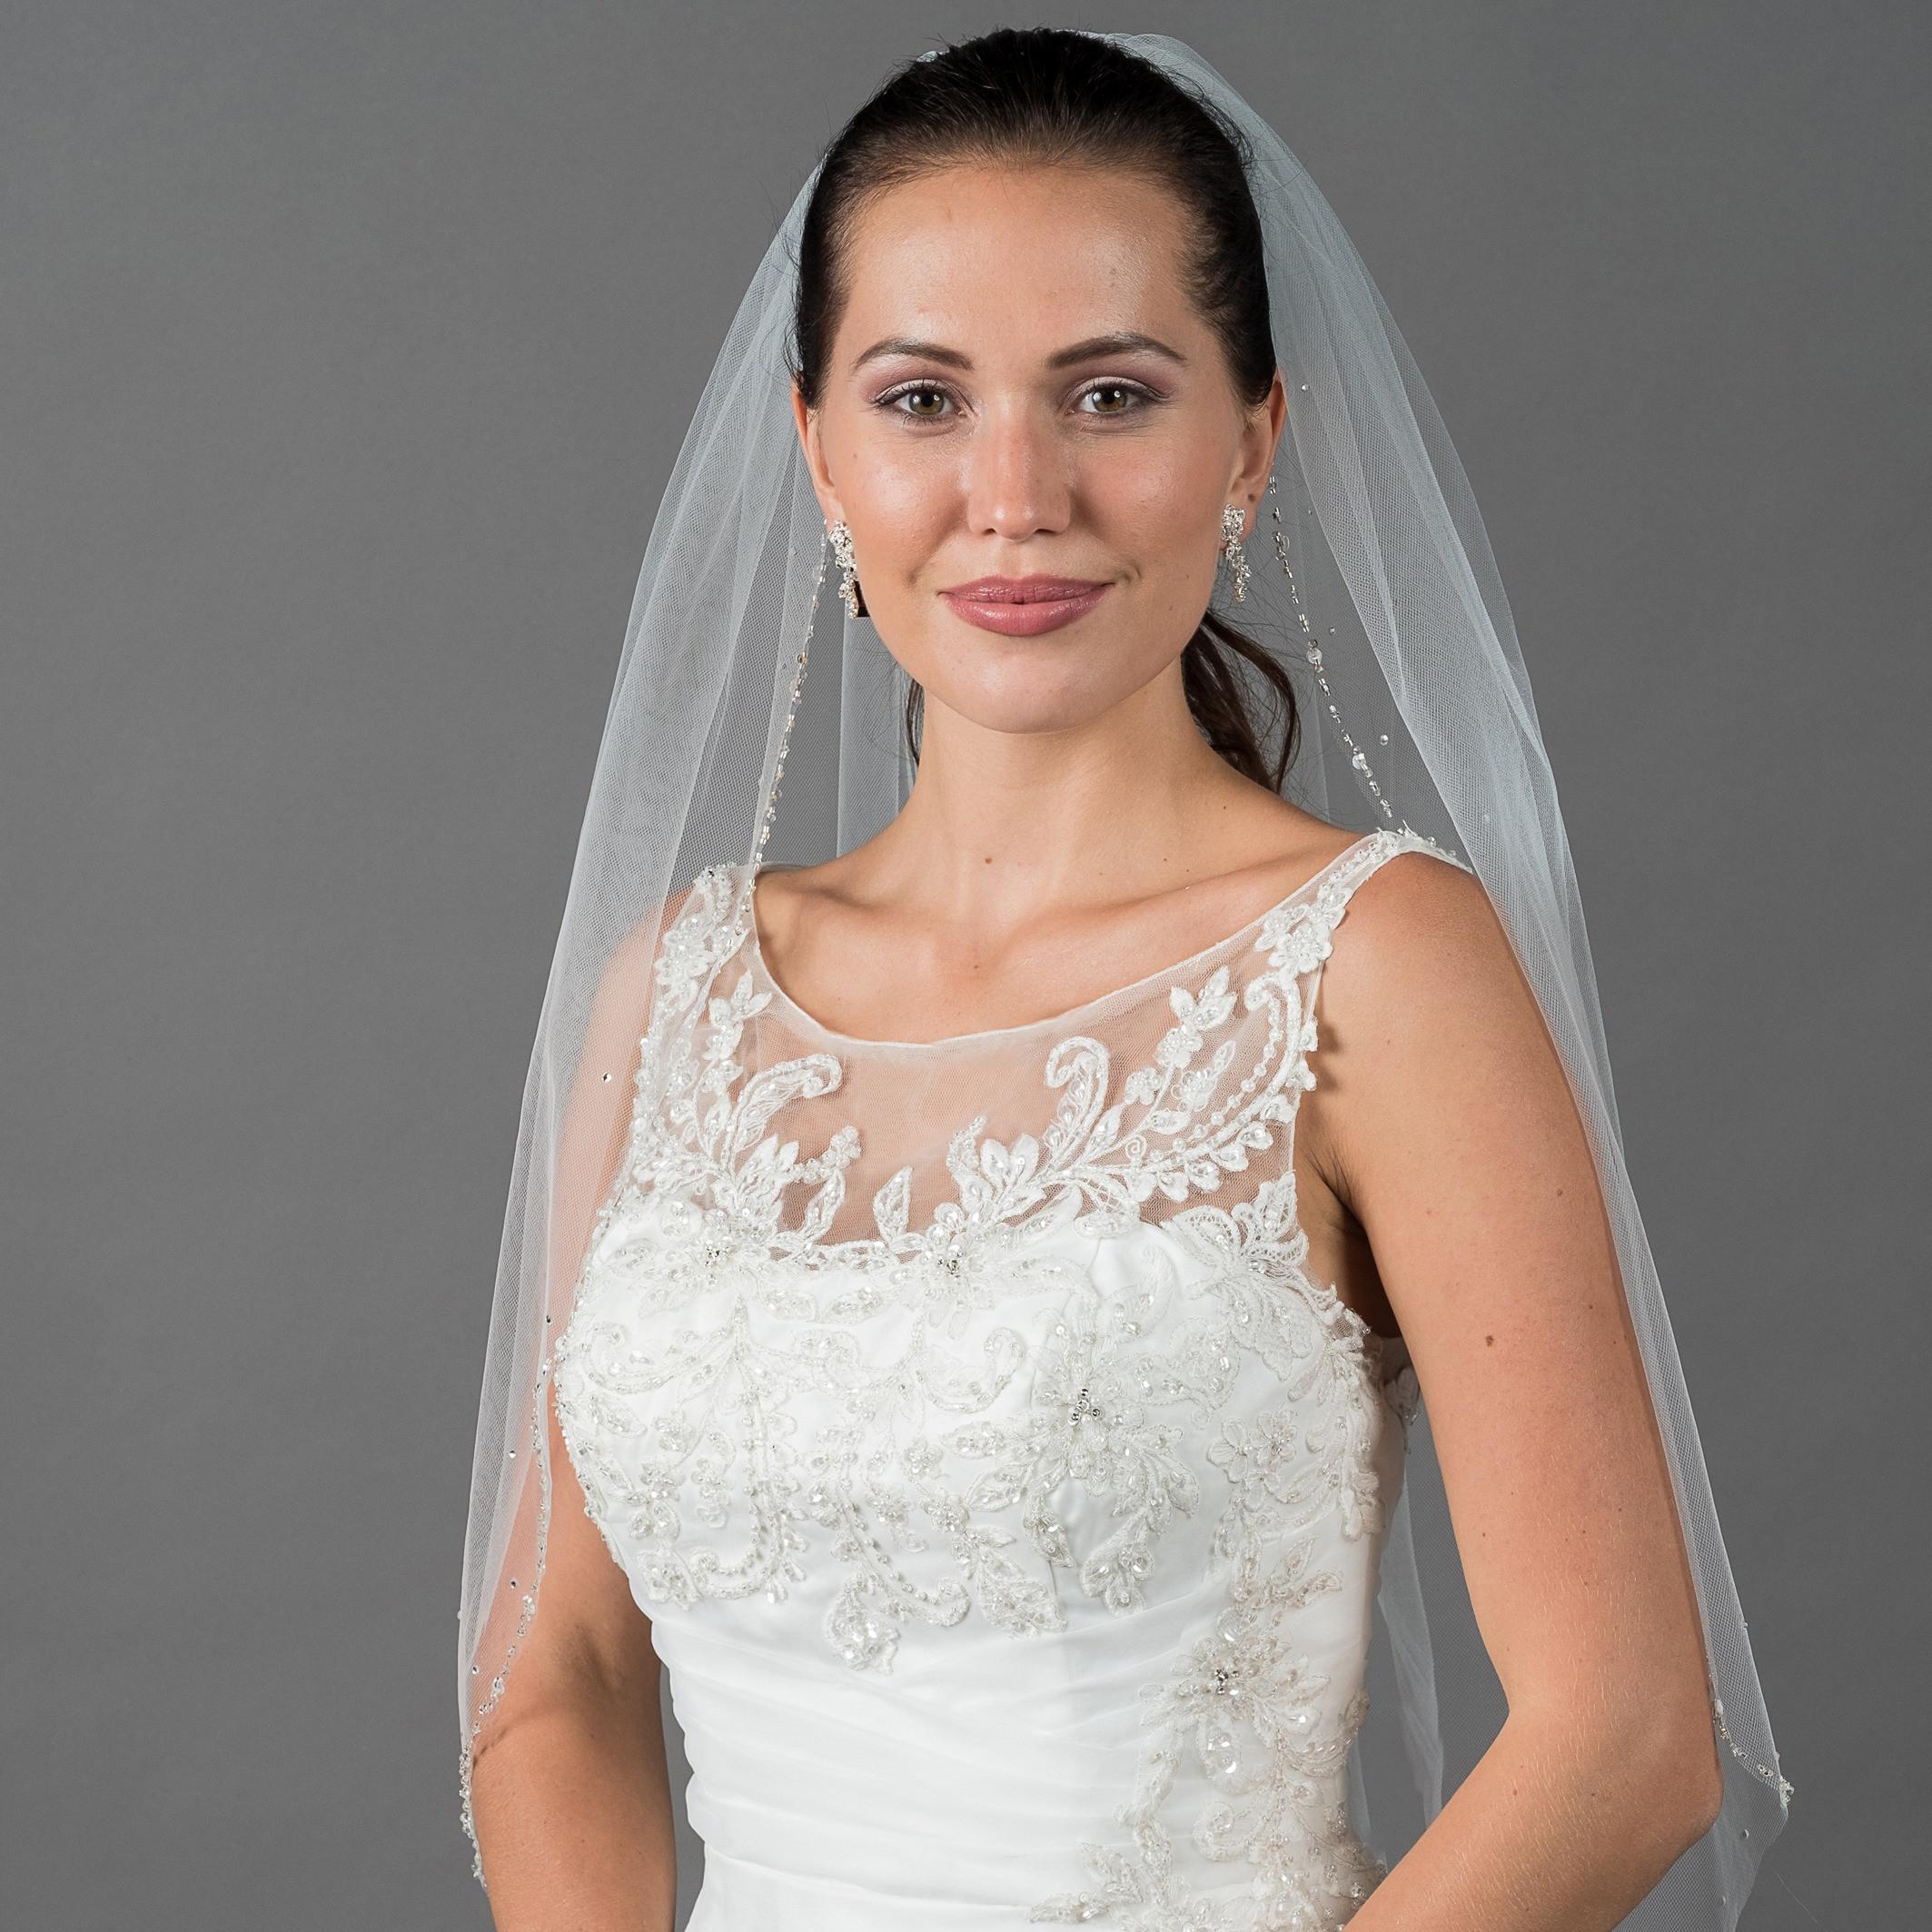 Essayage de ma robe /  Futur mariée